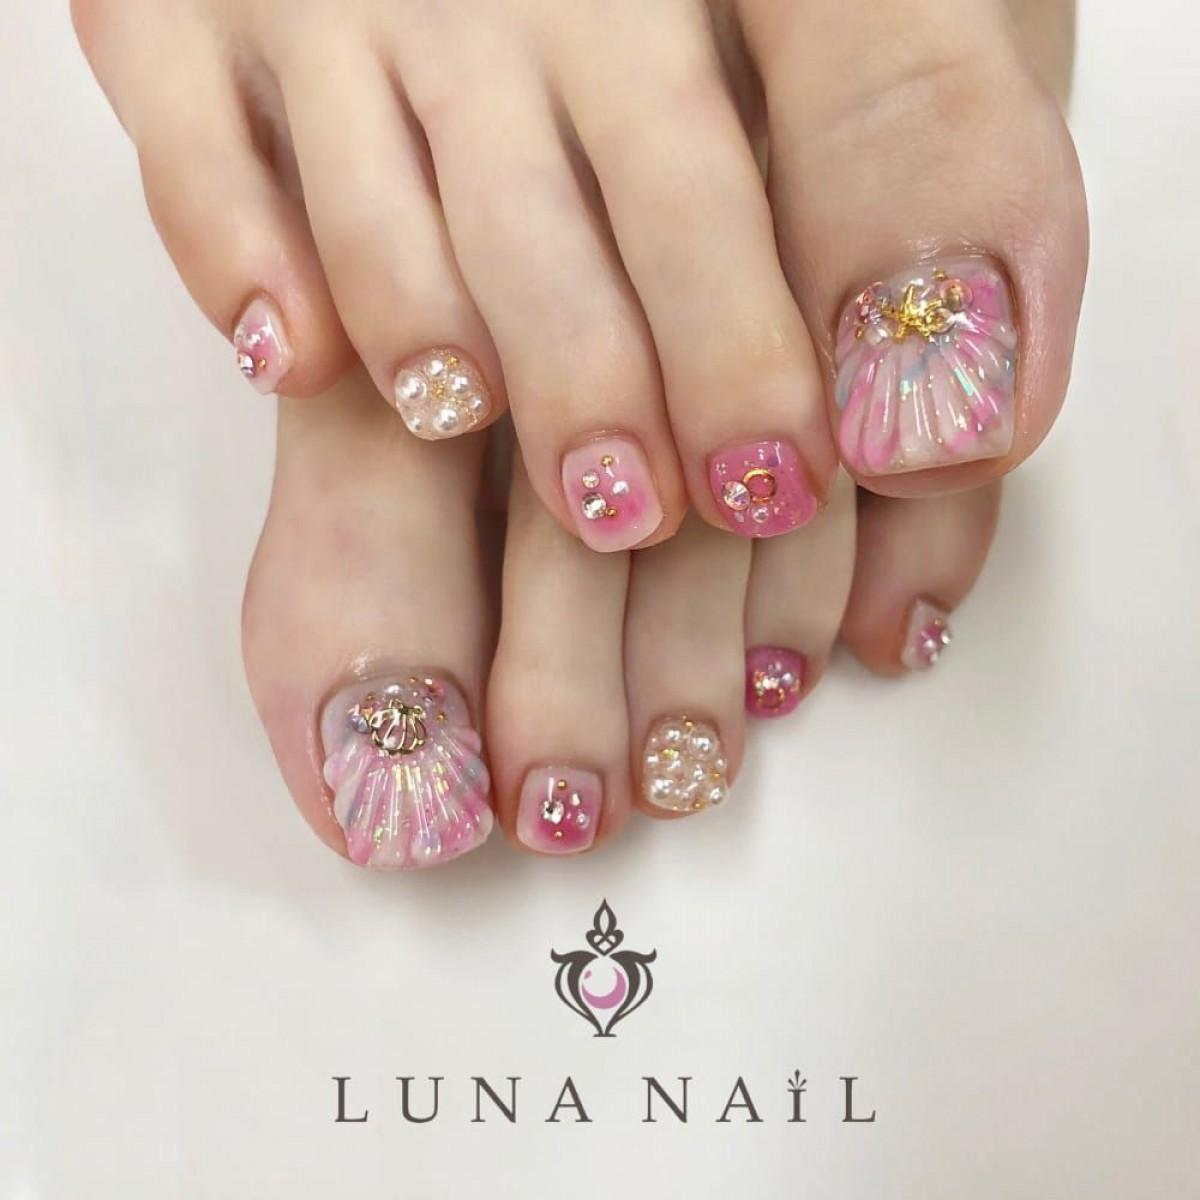 ピンクのフットネイルで足先までキュートな私に。可愛さを詰め込んだデザインに注目!